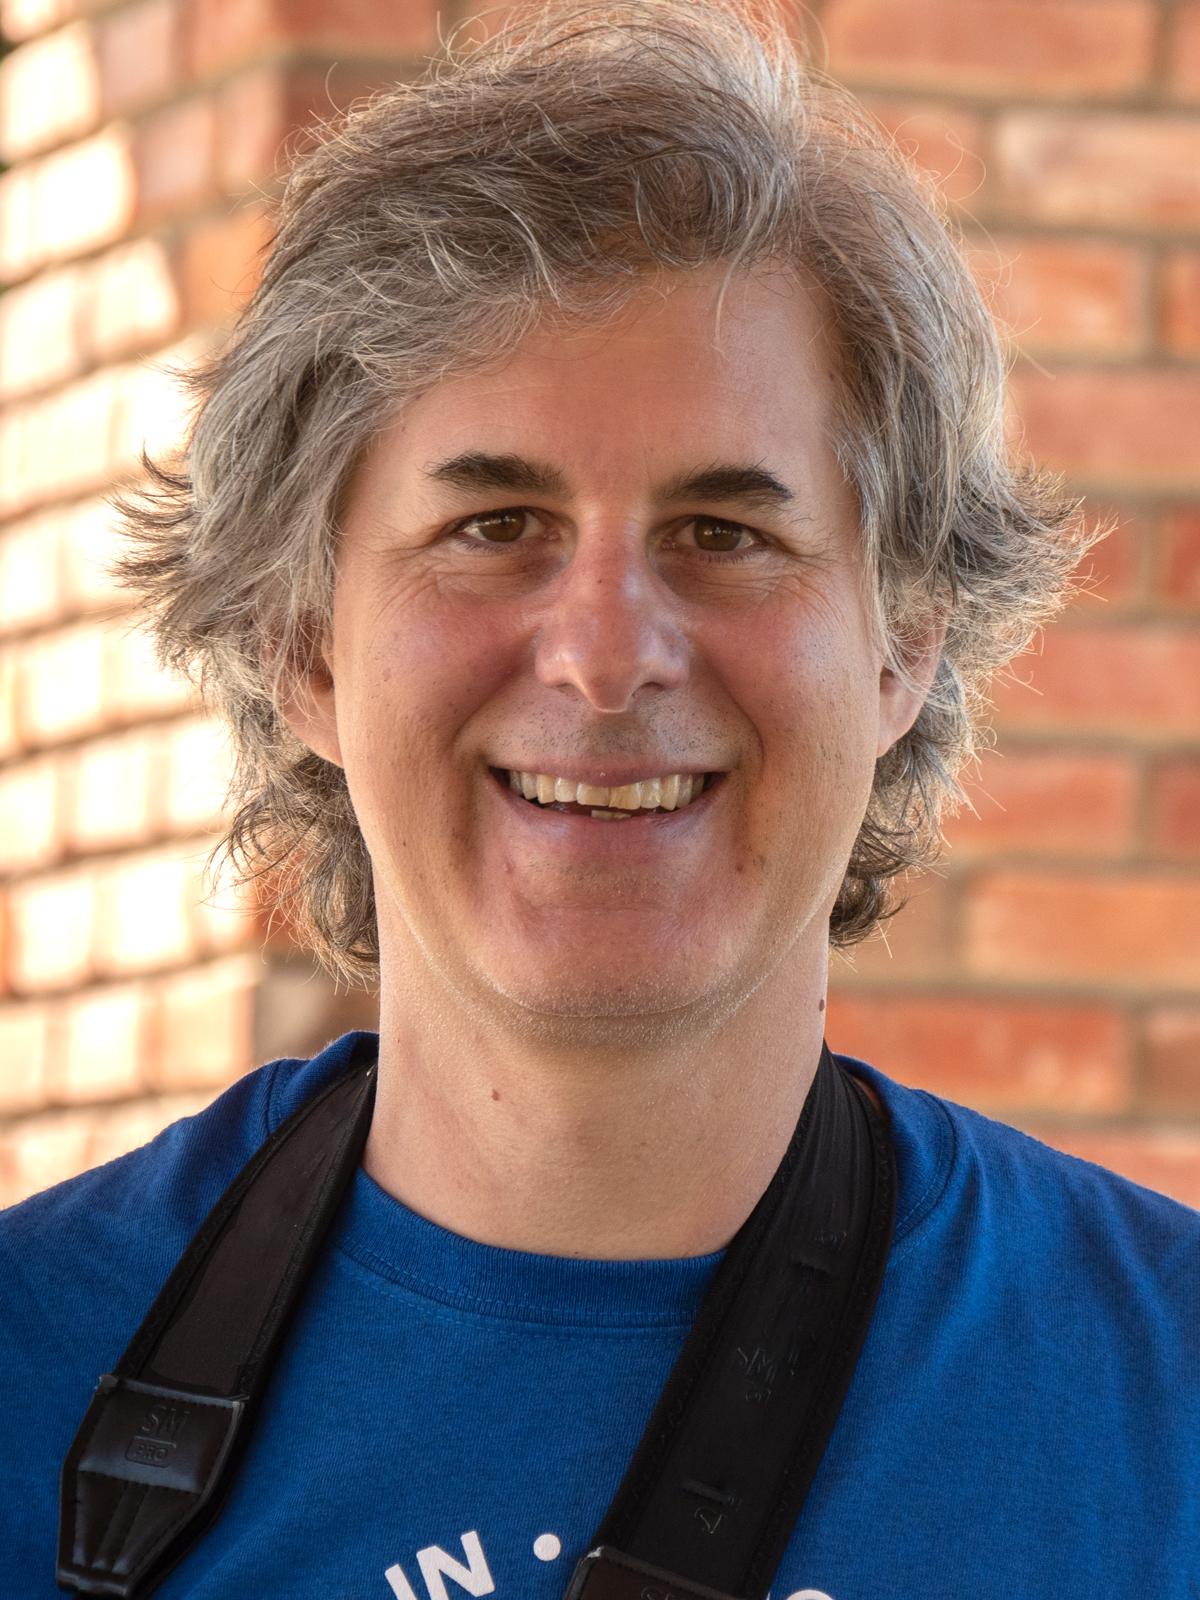 Jason Kravitz